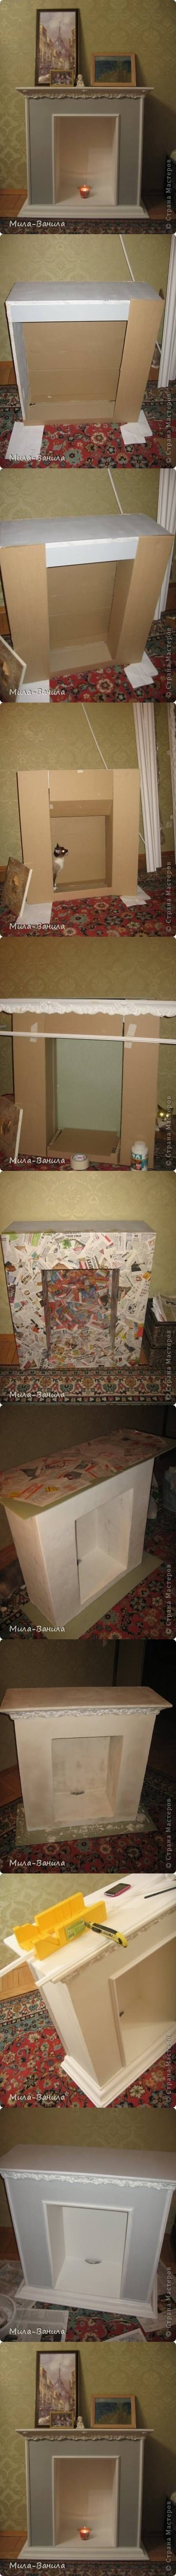 Поделки картон декорированный камин Сделай сам картон декорированный камин по catrulz